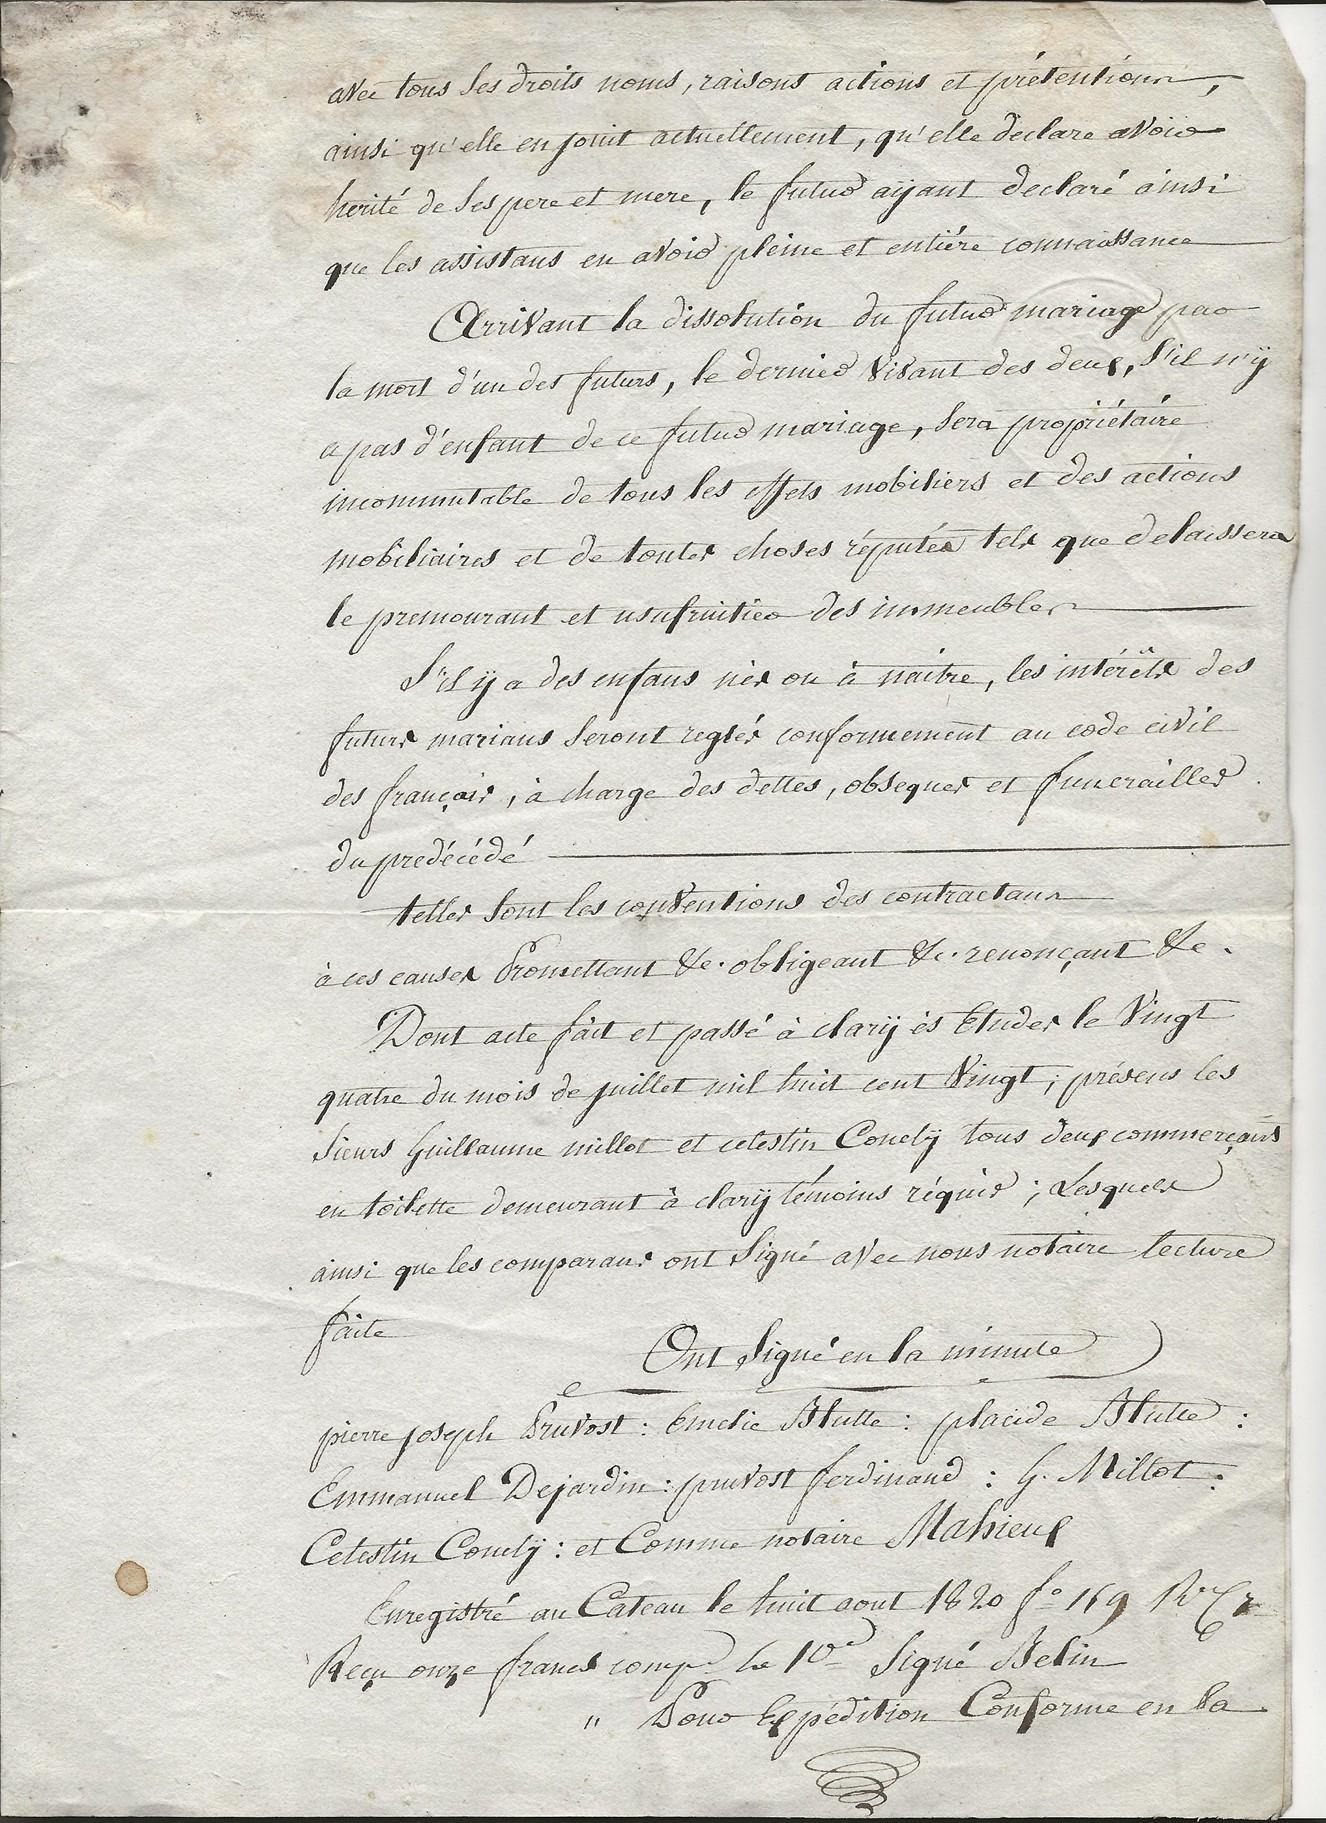 1820 contrat mariage pierre jr pruvot x blutte amelie 003